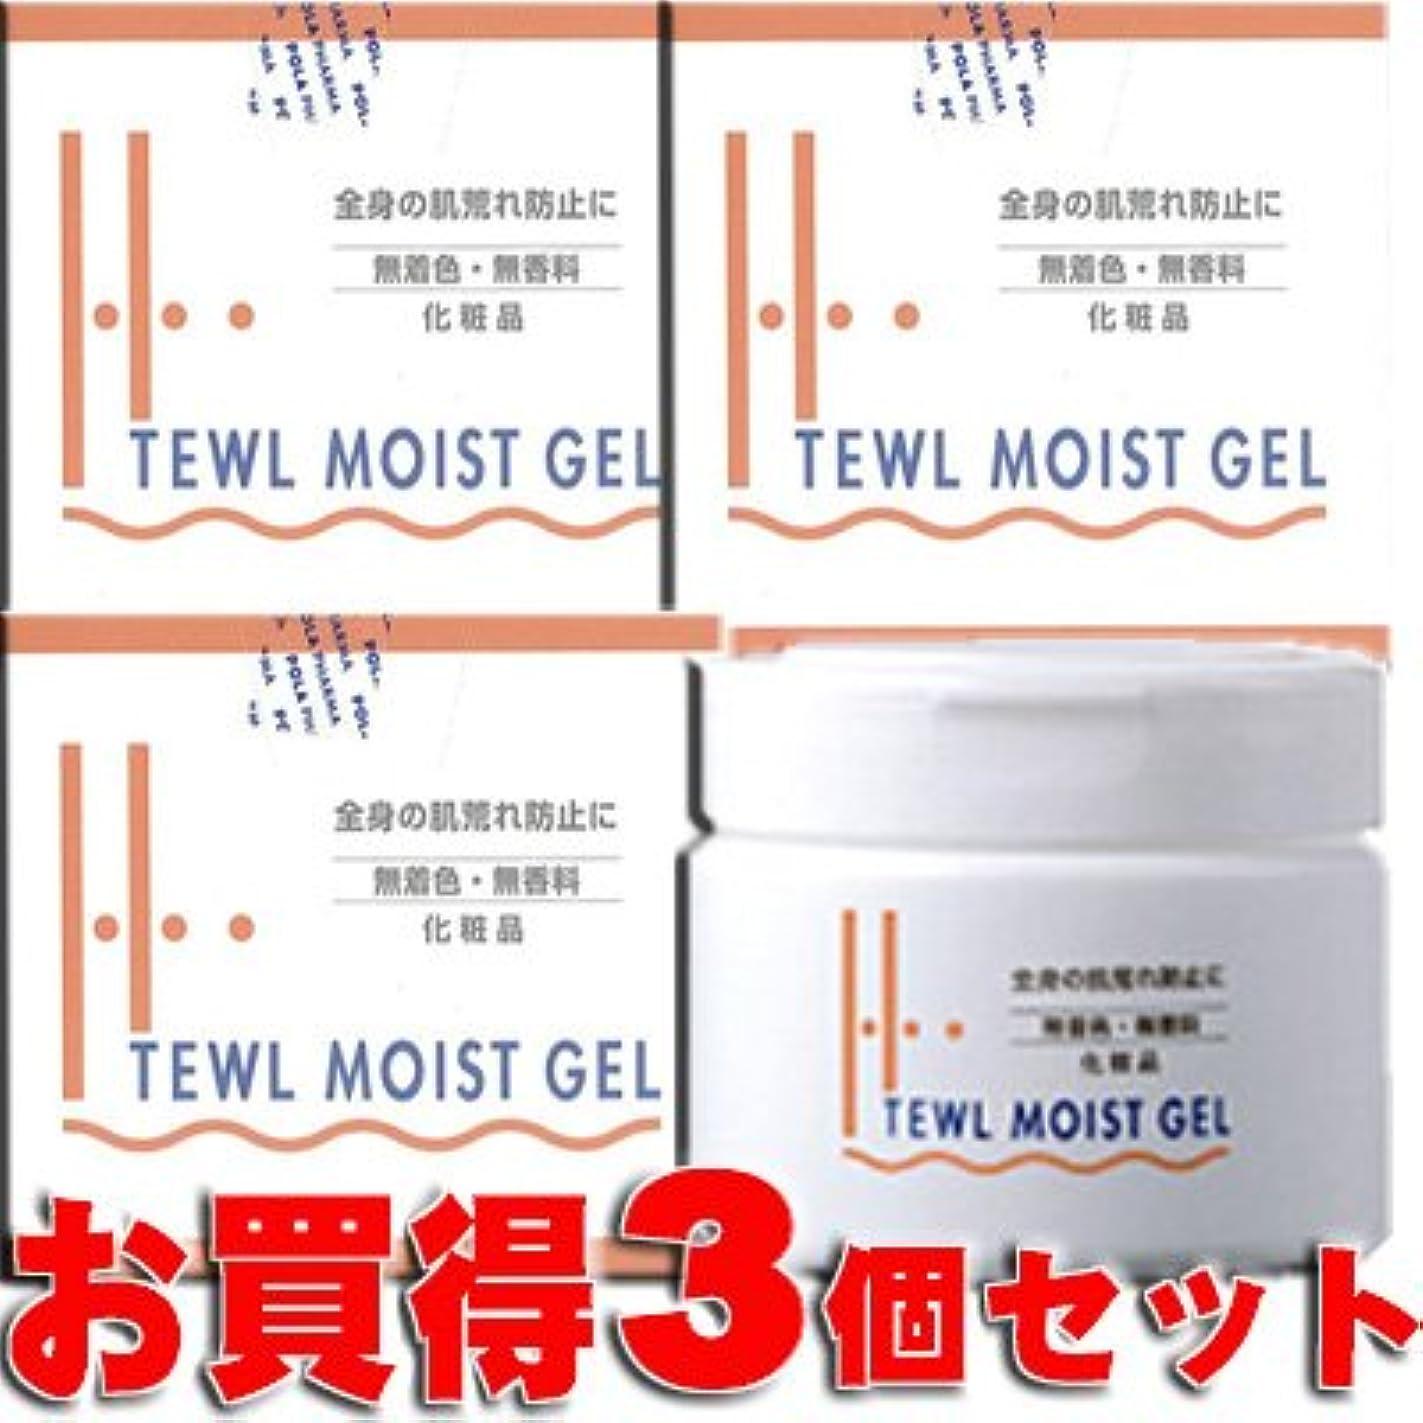 集まる長老卒業★お買得3個★ ハイテウル モイストジェル 300gx3個 (ポーラファルマ)エタノールや界面活性剤に敏感な方へおすすめするゲルクリームです。